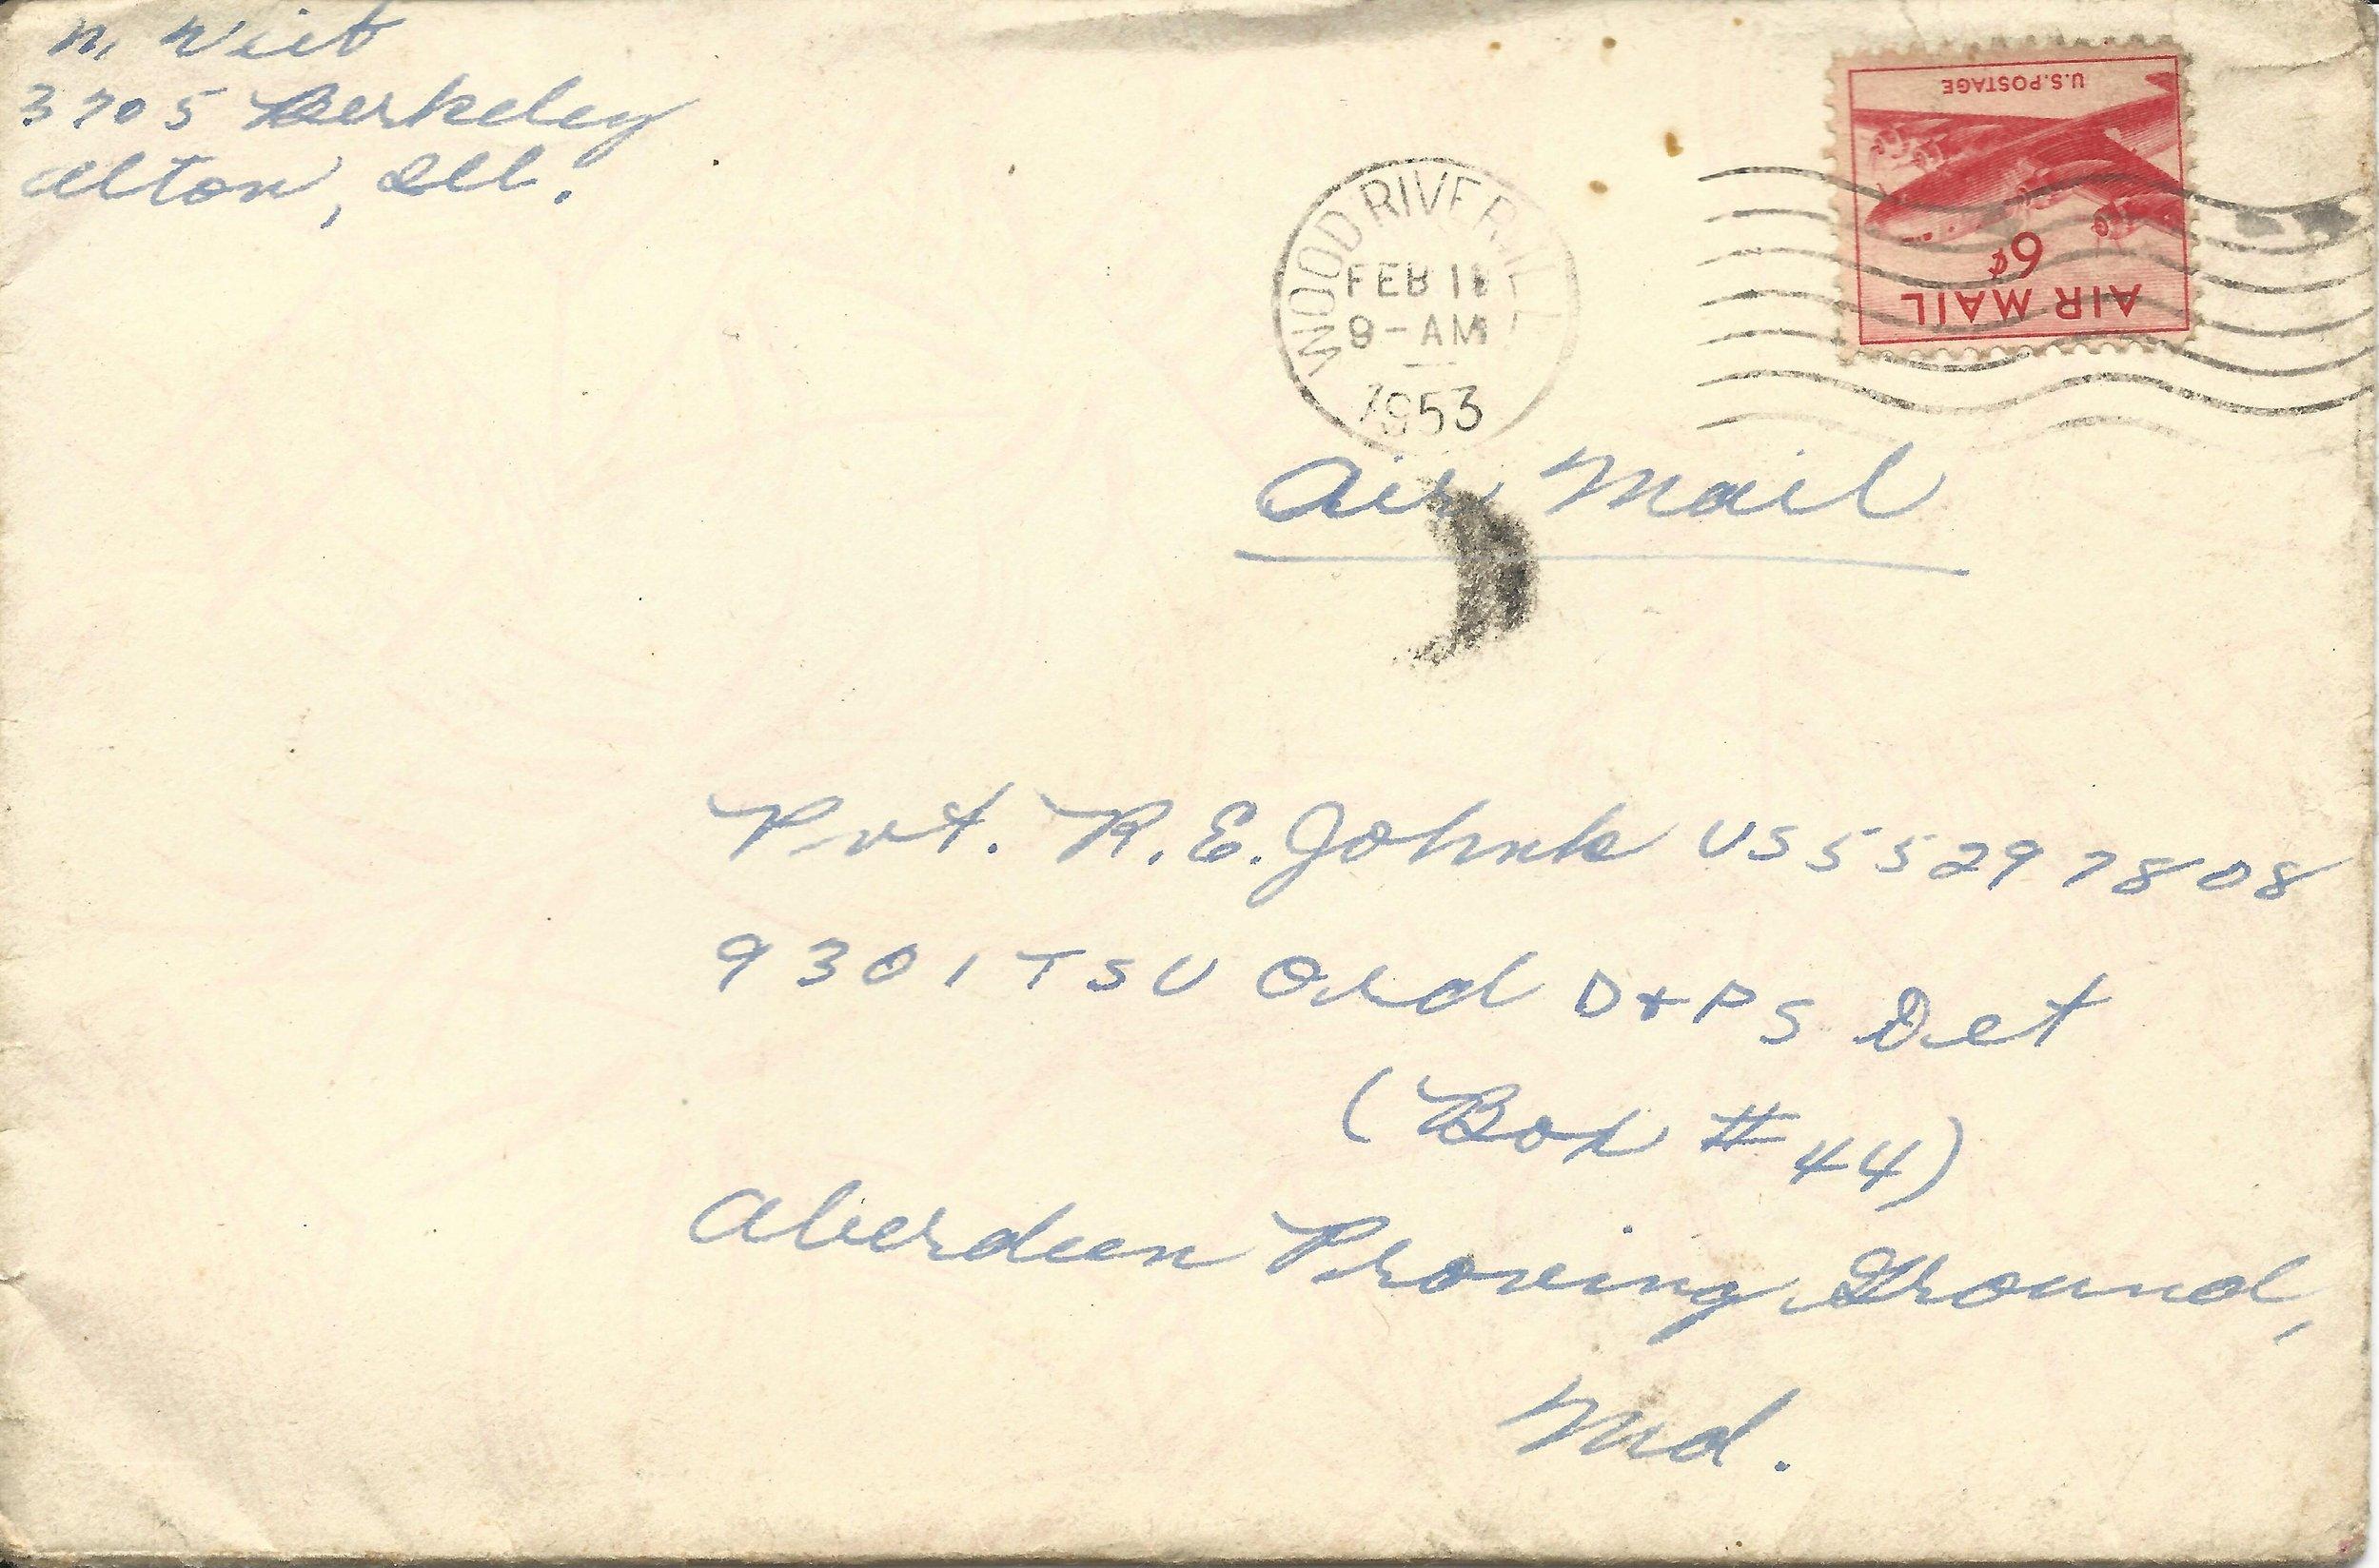 8. Feb. 10, 1953 (Oma)_Page_1.jpg